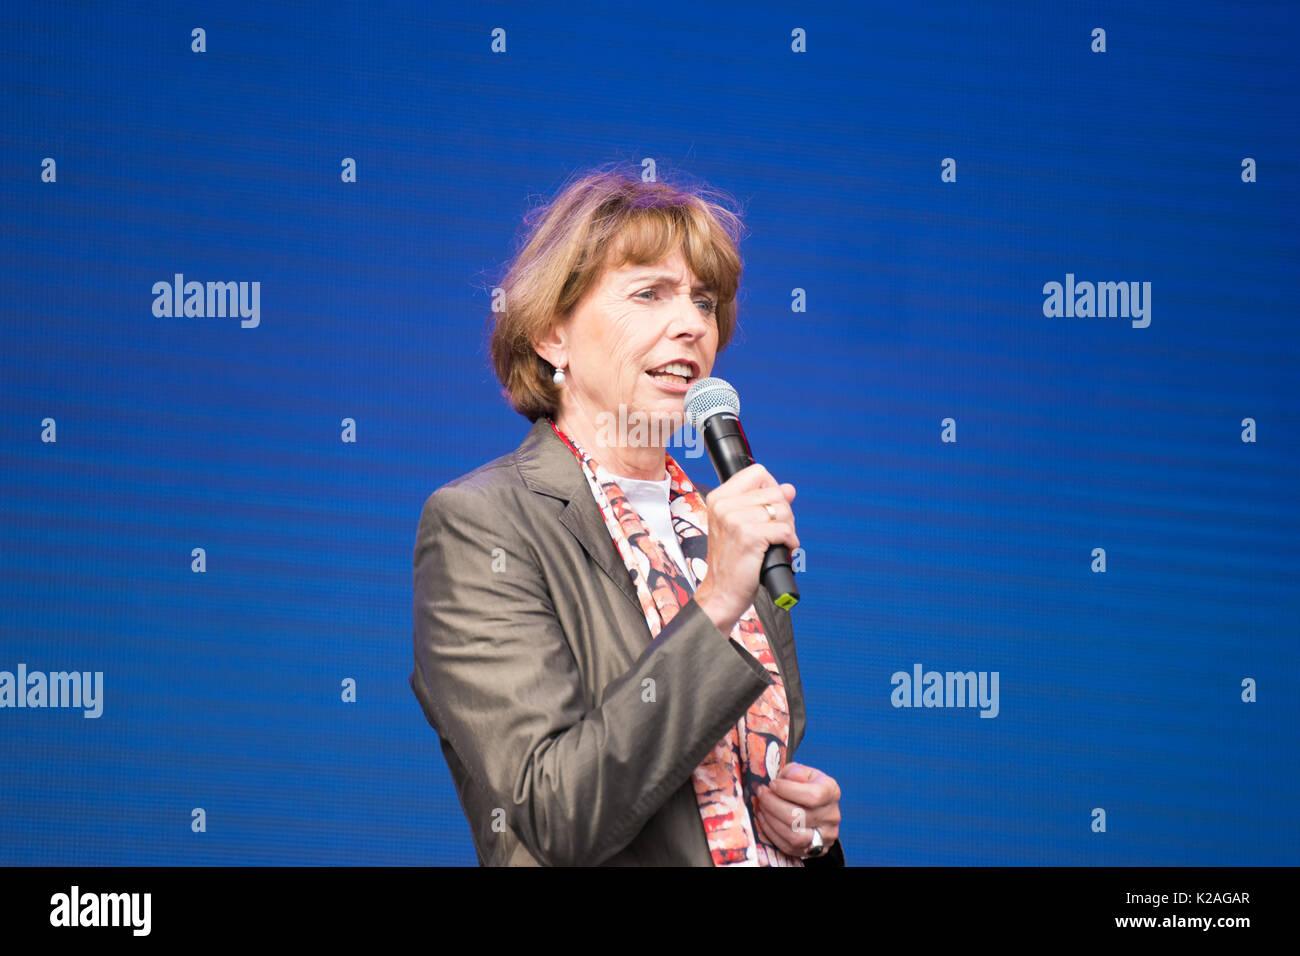 Frau Henriette Rädeker, Oberbürgermeister der Stadt Köln, an der China Festival 2017 in Köln, Deutschland. Stockbild